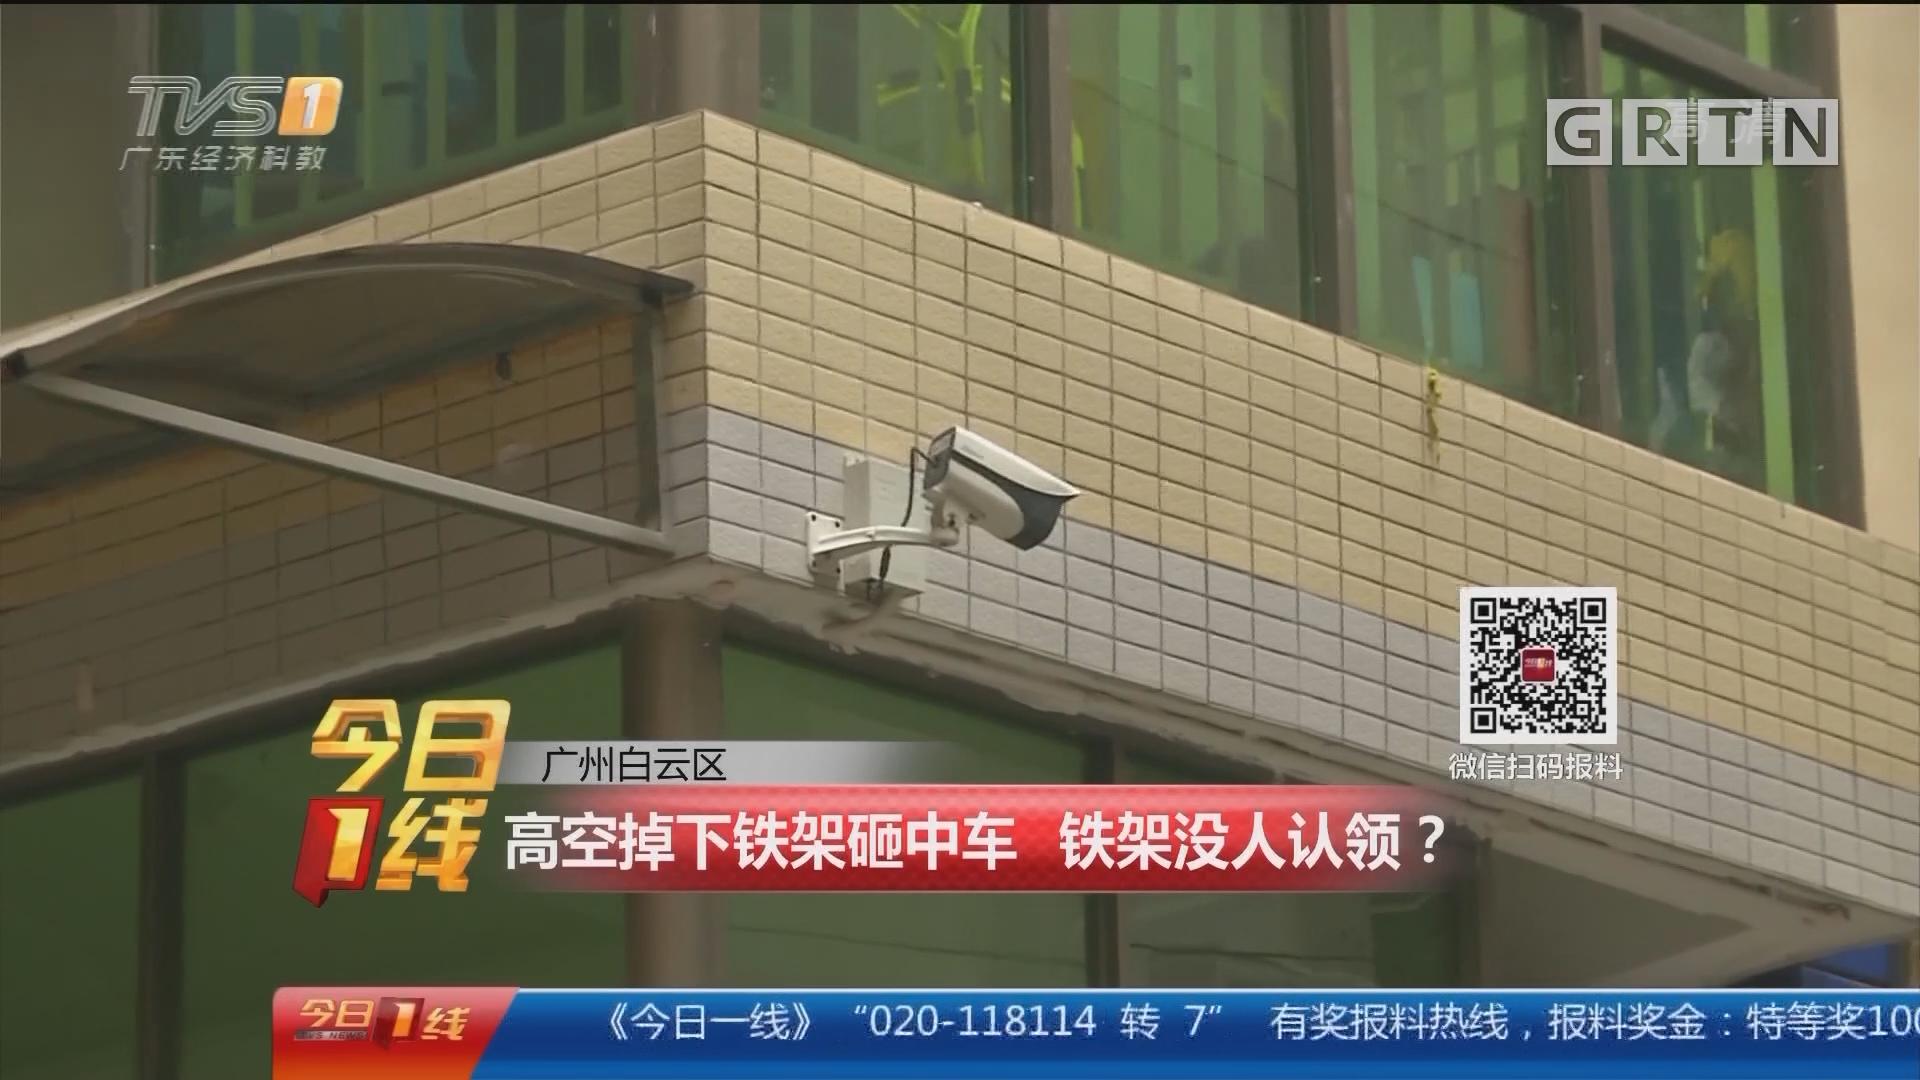 广州白云区:高空掉下铁架砸中车 铁架没人认领?